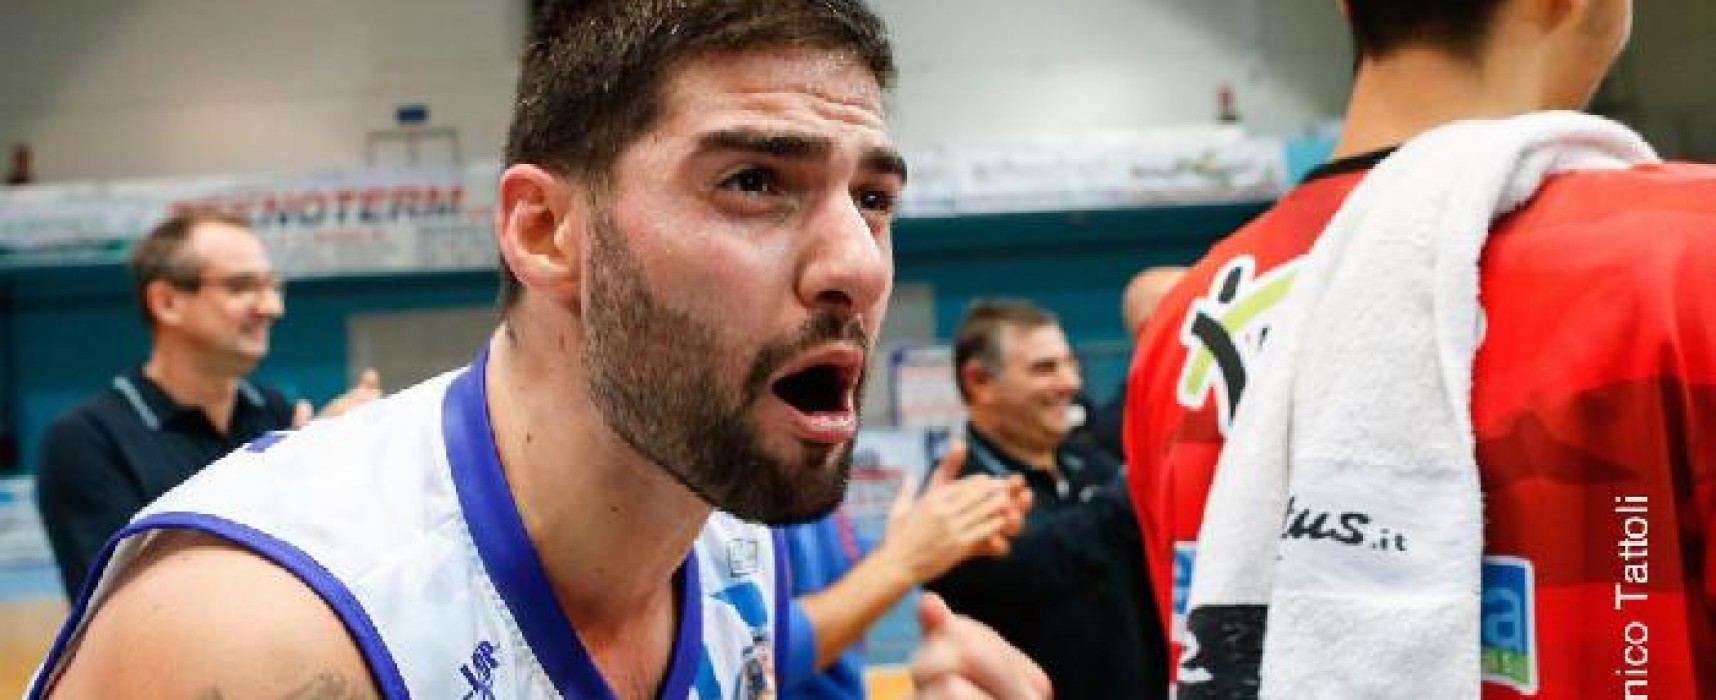 Ambrosia, ruggito playoff contro Taranto. Sarà decisiva la trasferta di Vasto